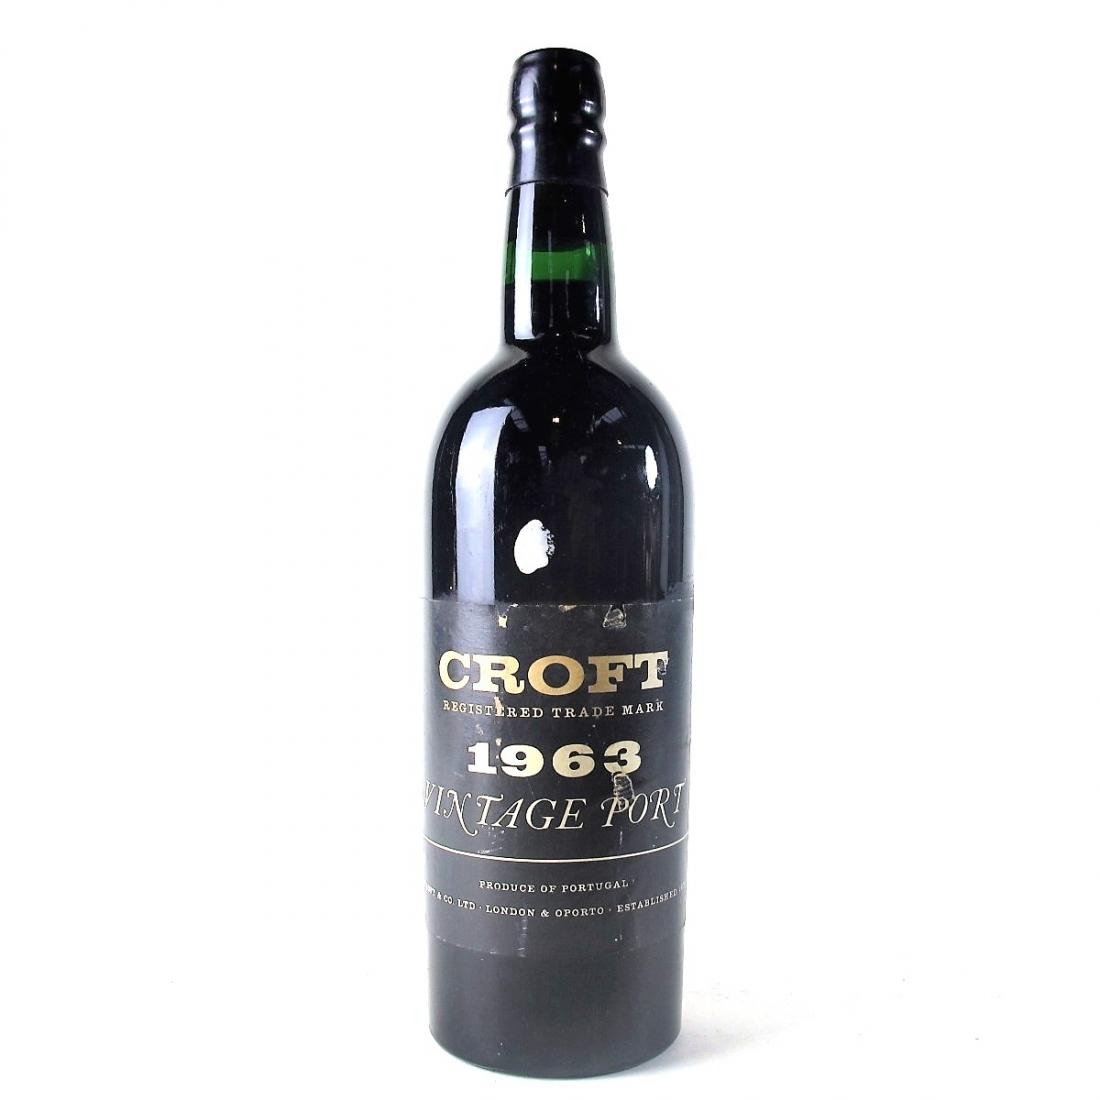 Croft 1963 Vintage Port